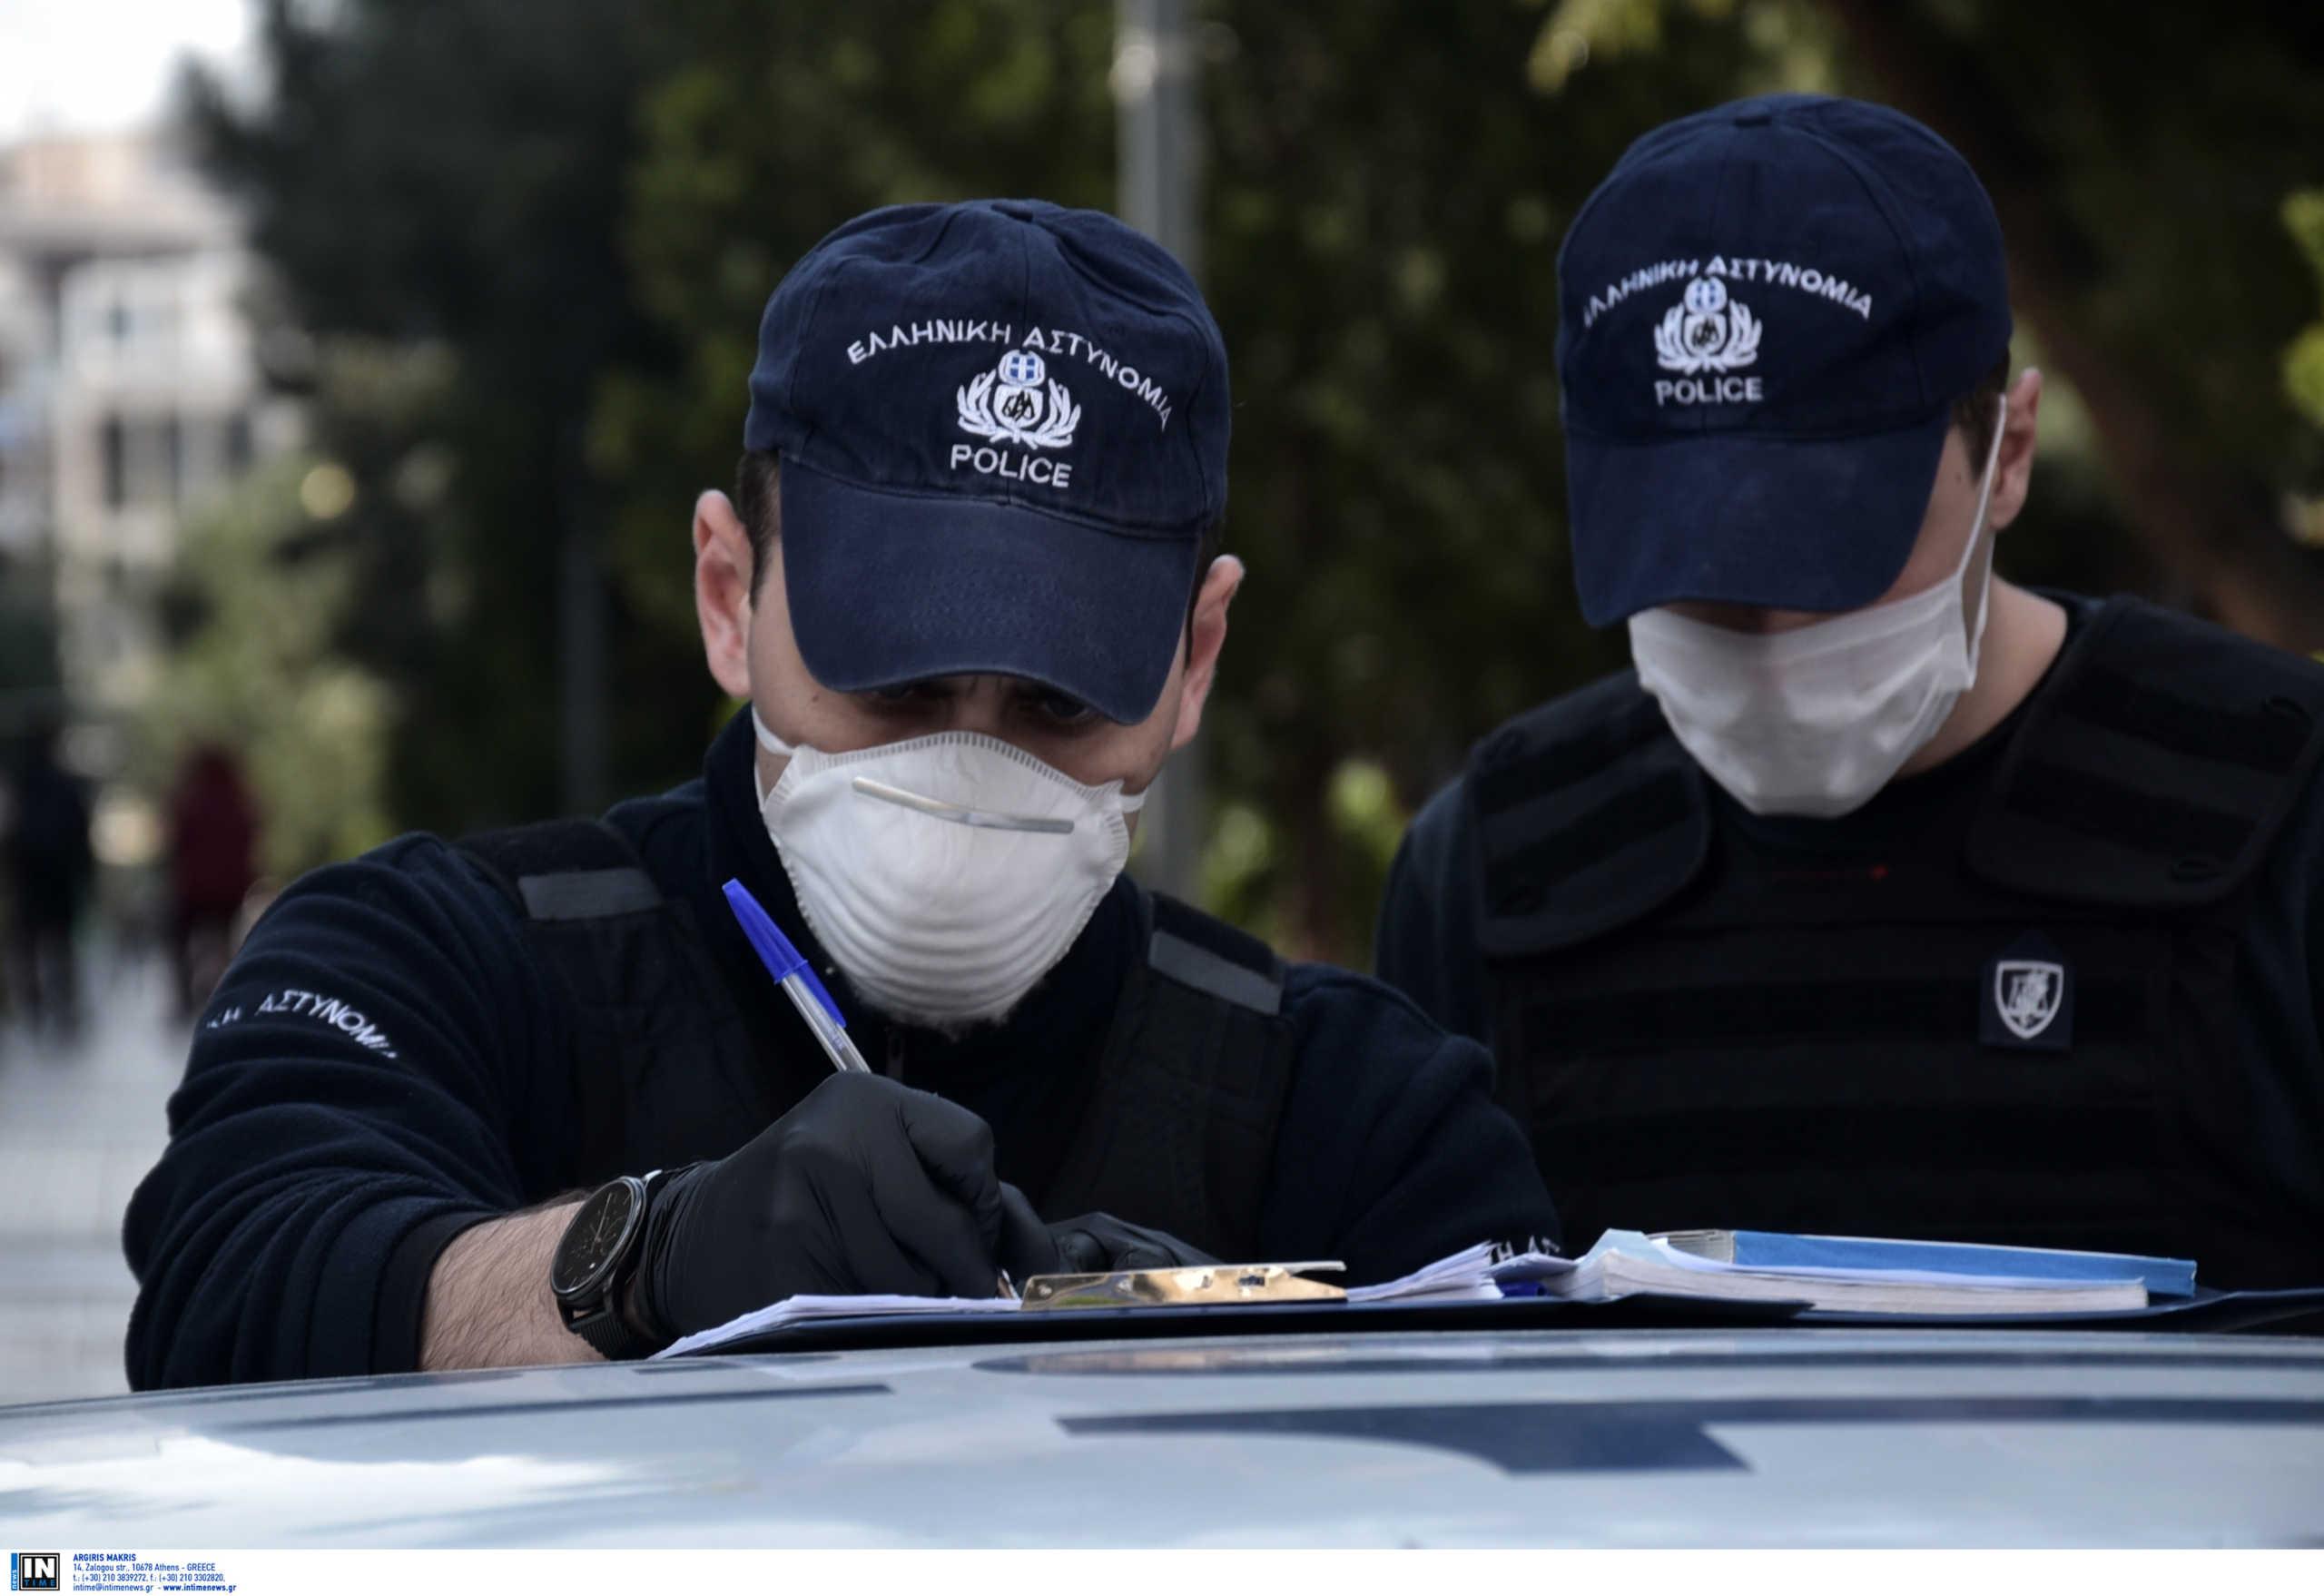 Θεσσαλονίκη: Το μπλόκο της αστυνομίας έβγαλε λαβράκι – 16 προσαγωγές μετά τους ελέγχους